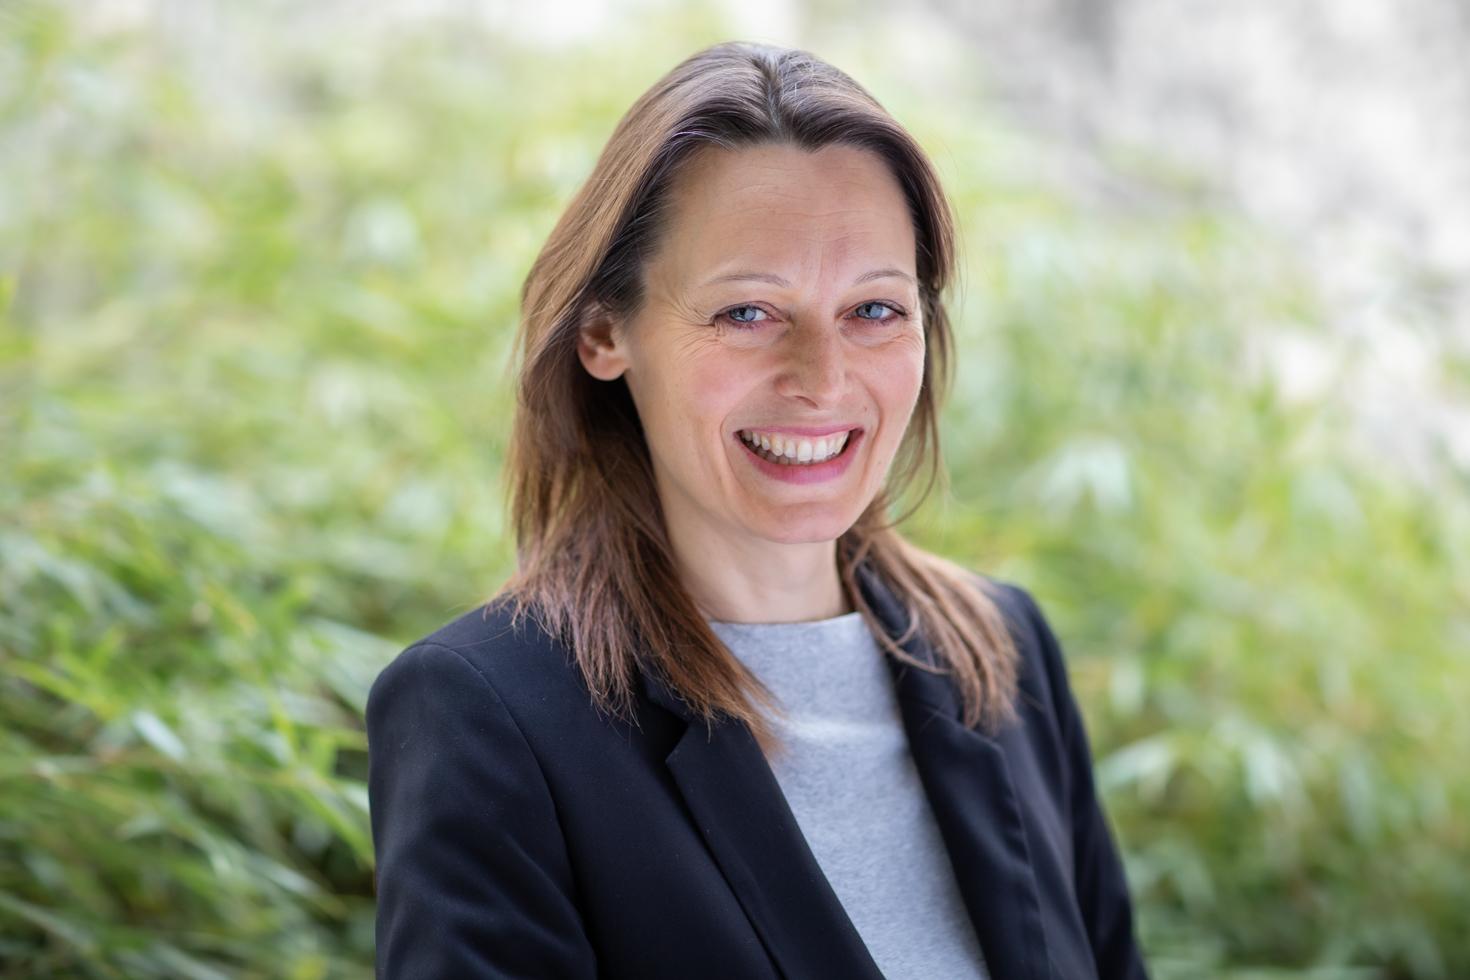 Claire Bisiaux